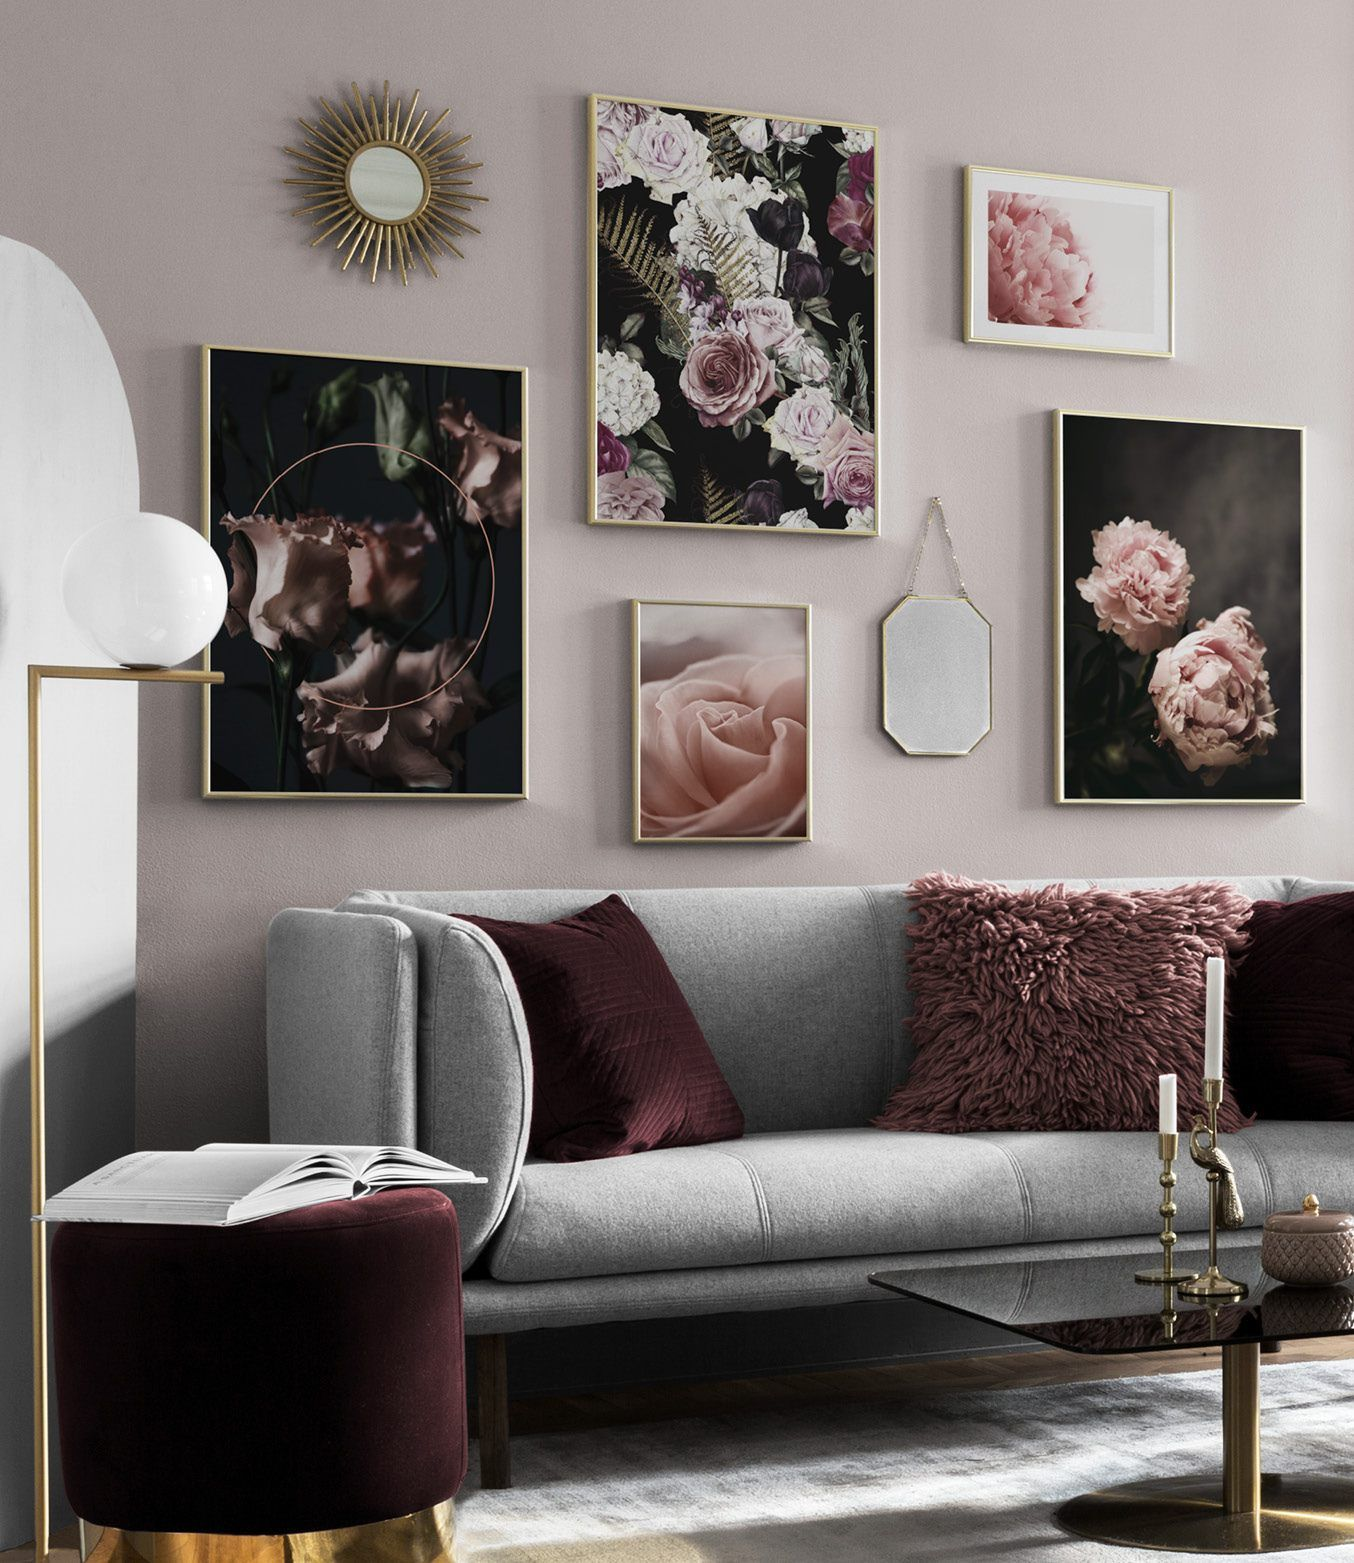 Bilderwand Wohnzimmer wohnzimmer bilderwand | wohnzimmer mit gemischter bilderwand